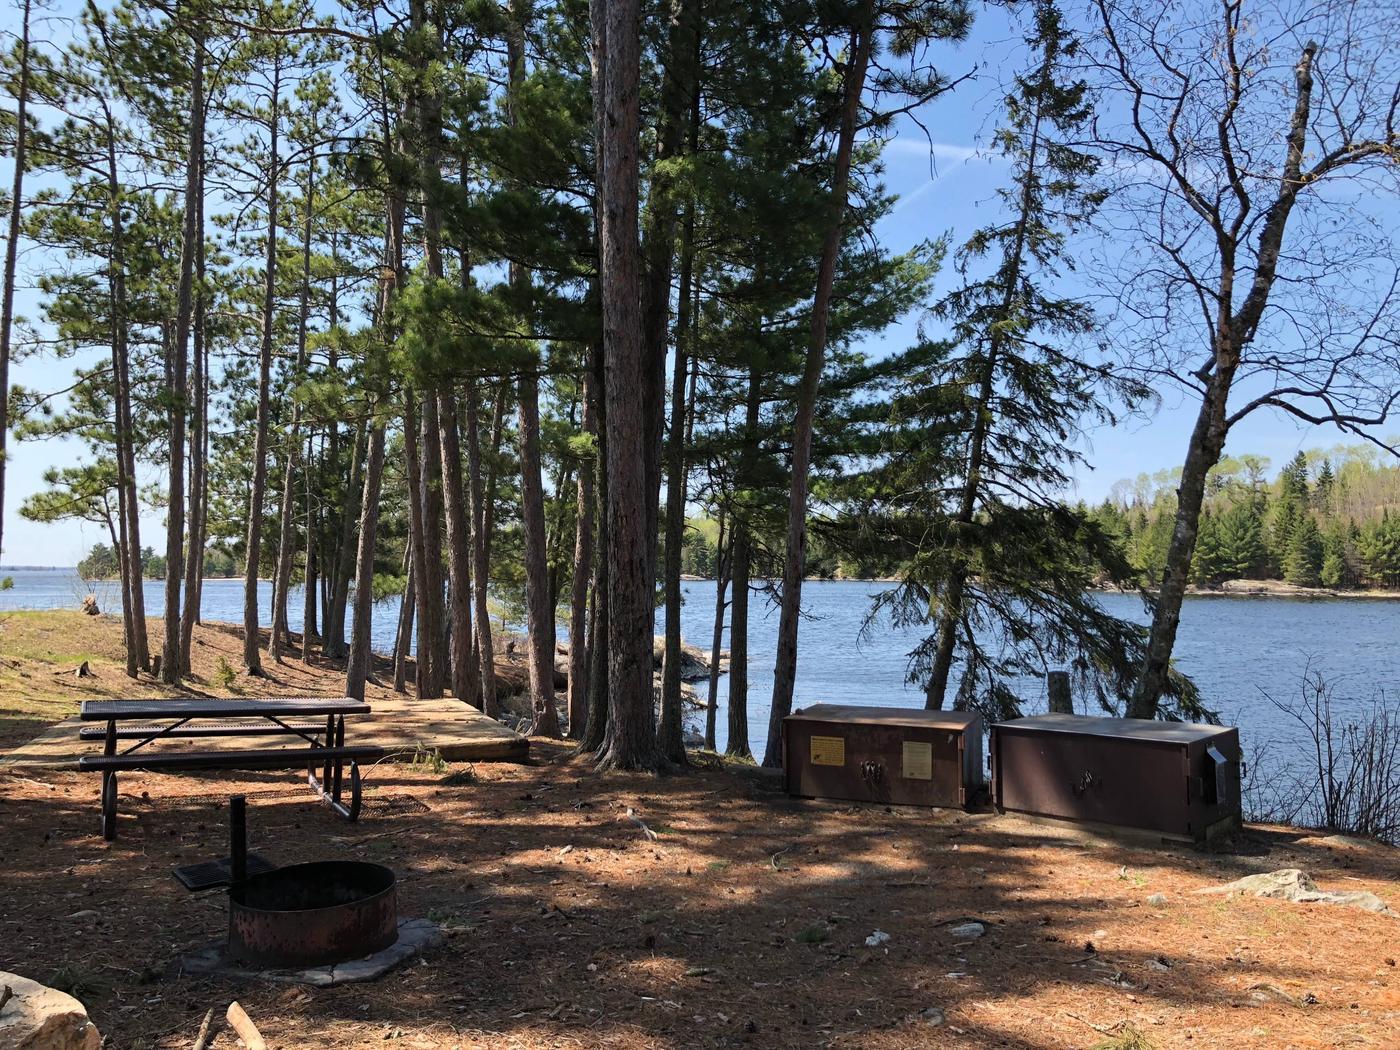 K30 - Shelter BayK30 - Shelter Bay campsite on Kabetogama Lake